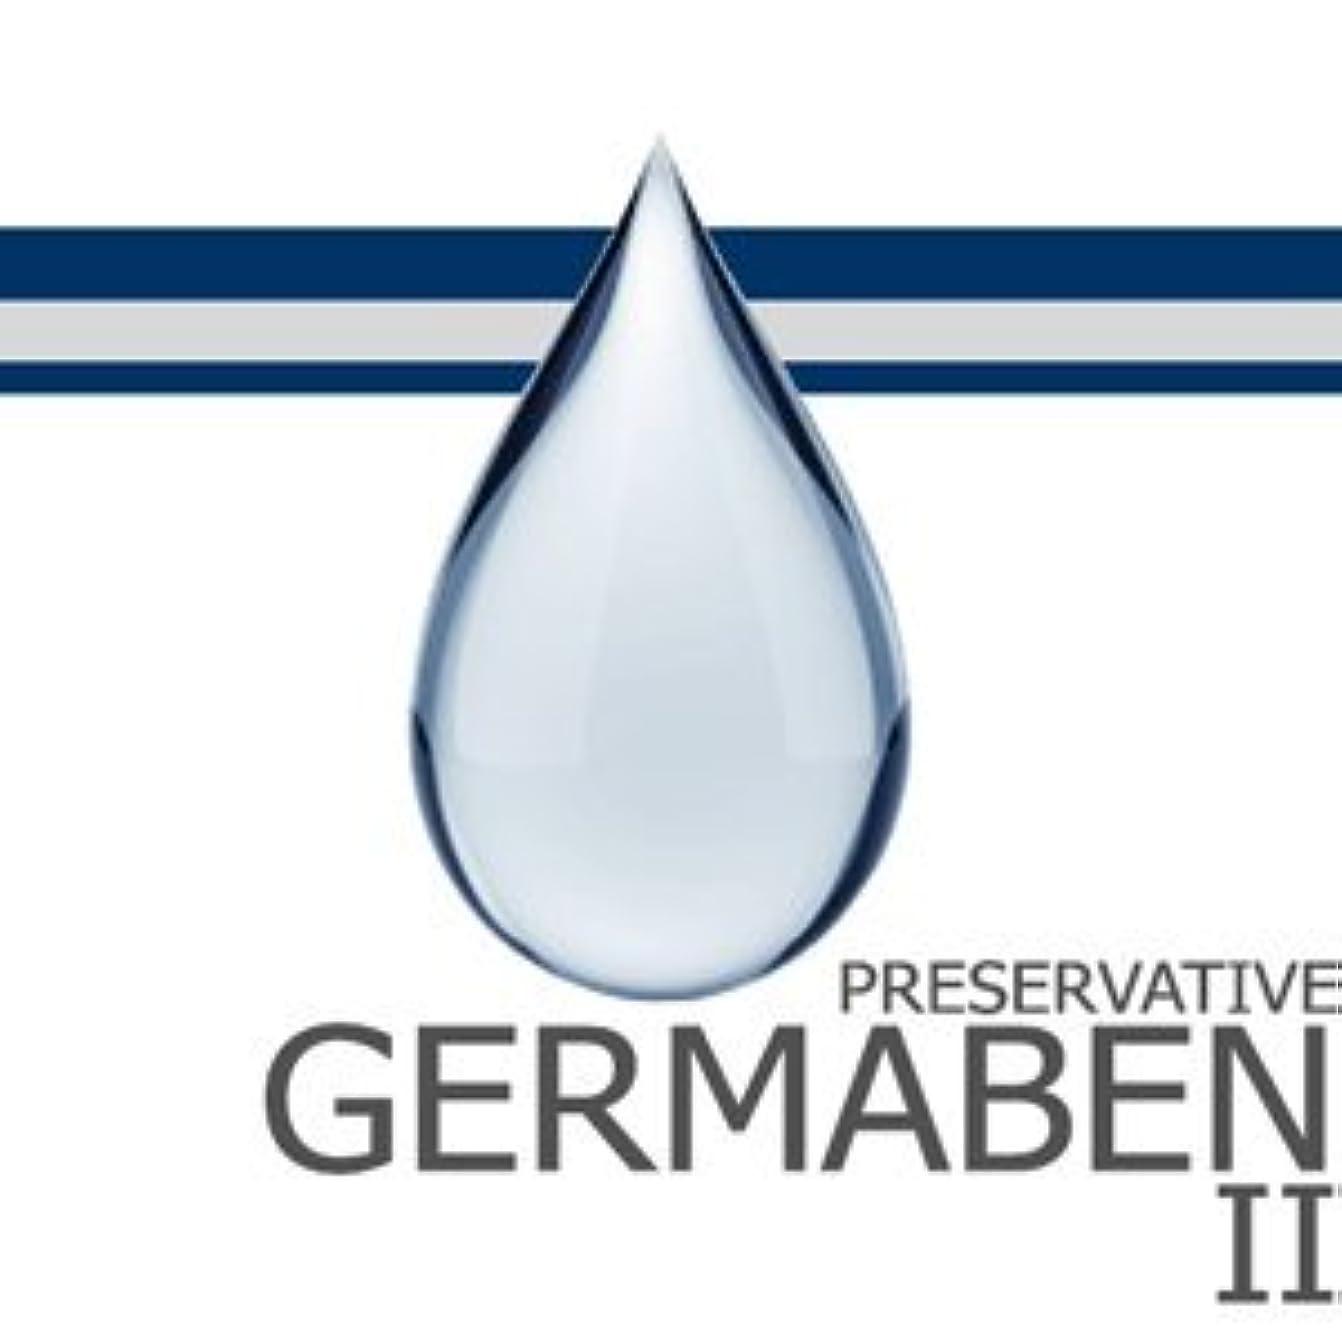 一時停止印象的な適切なgermaben II